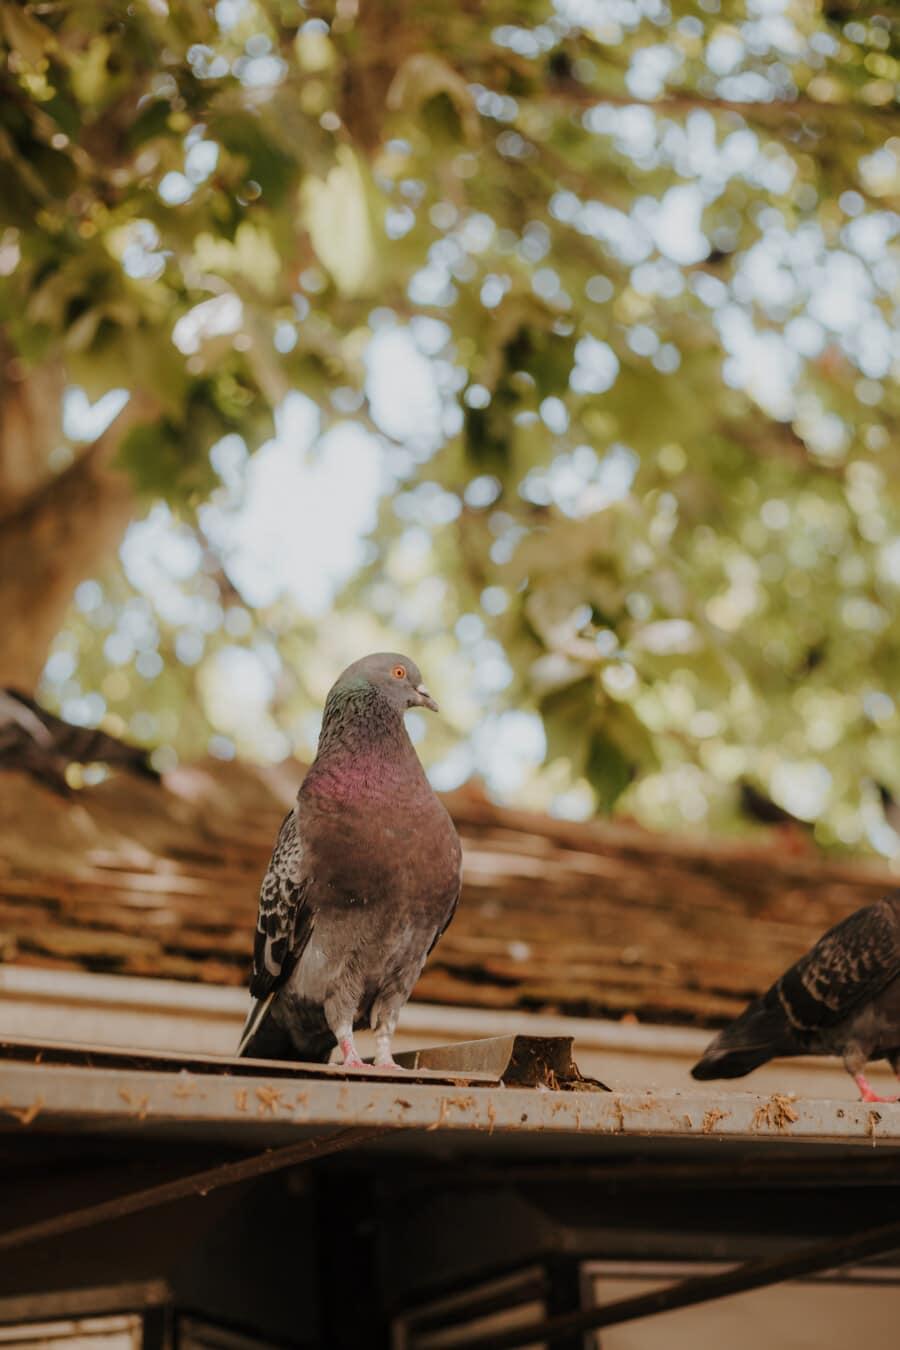 Porträt, Taube, auf dem Dach, Dach, Vogel, Tier, im freien, wild, Feder, Farbe